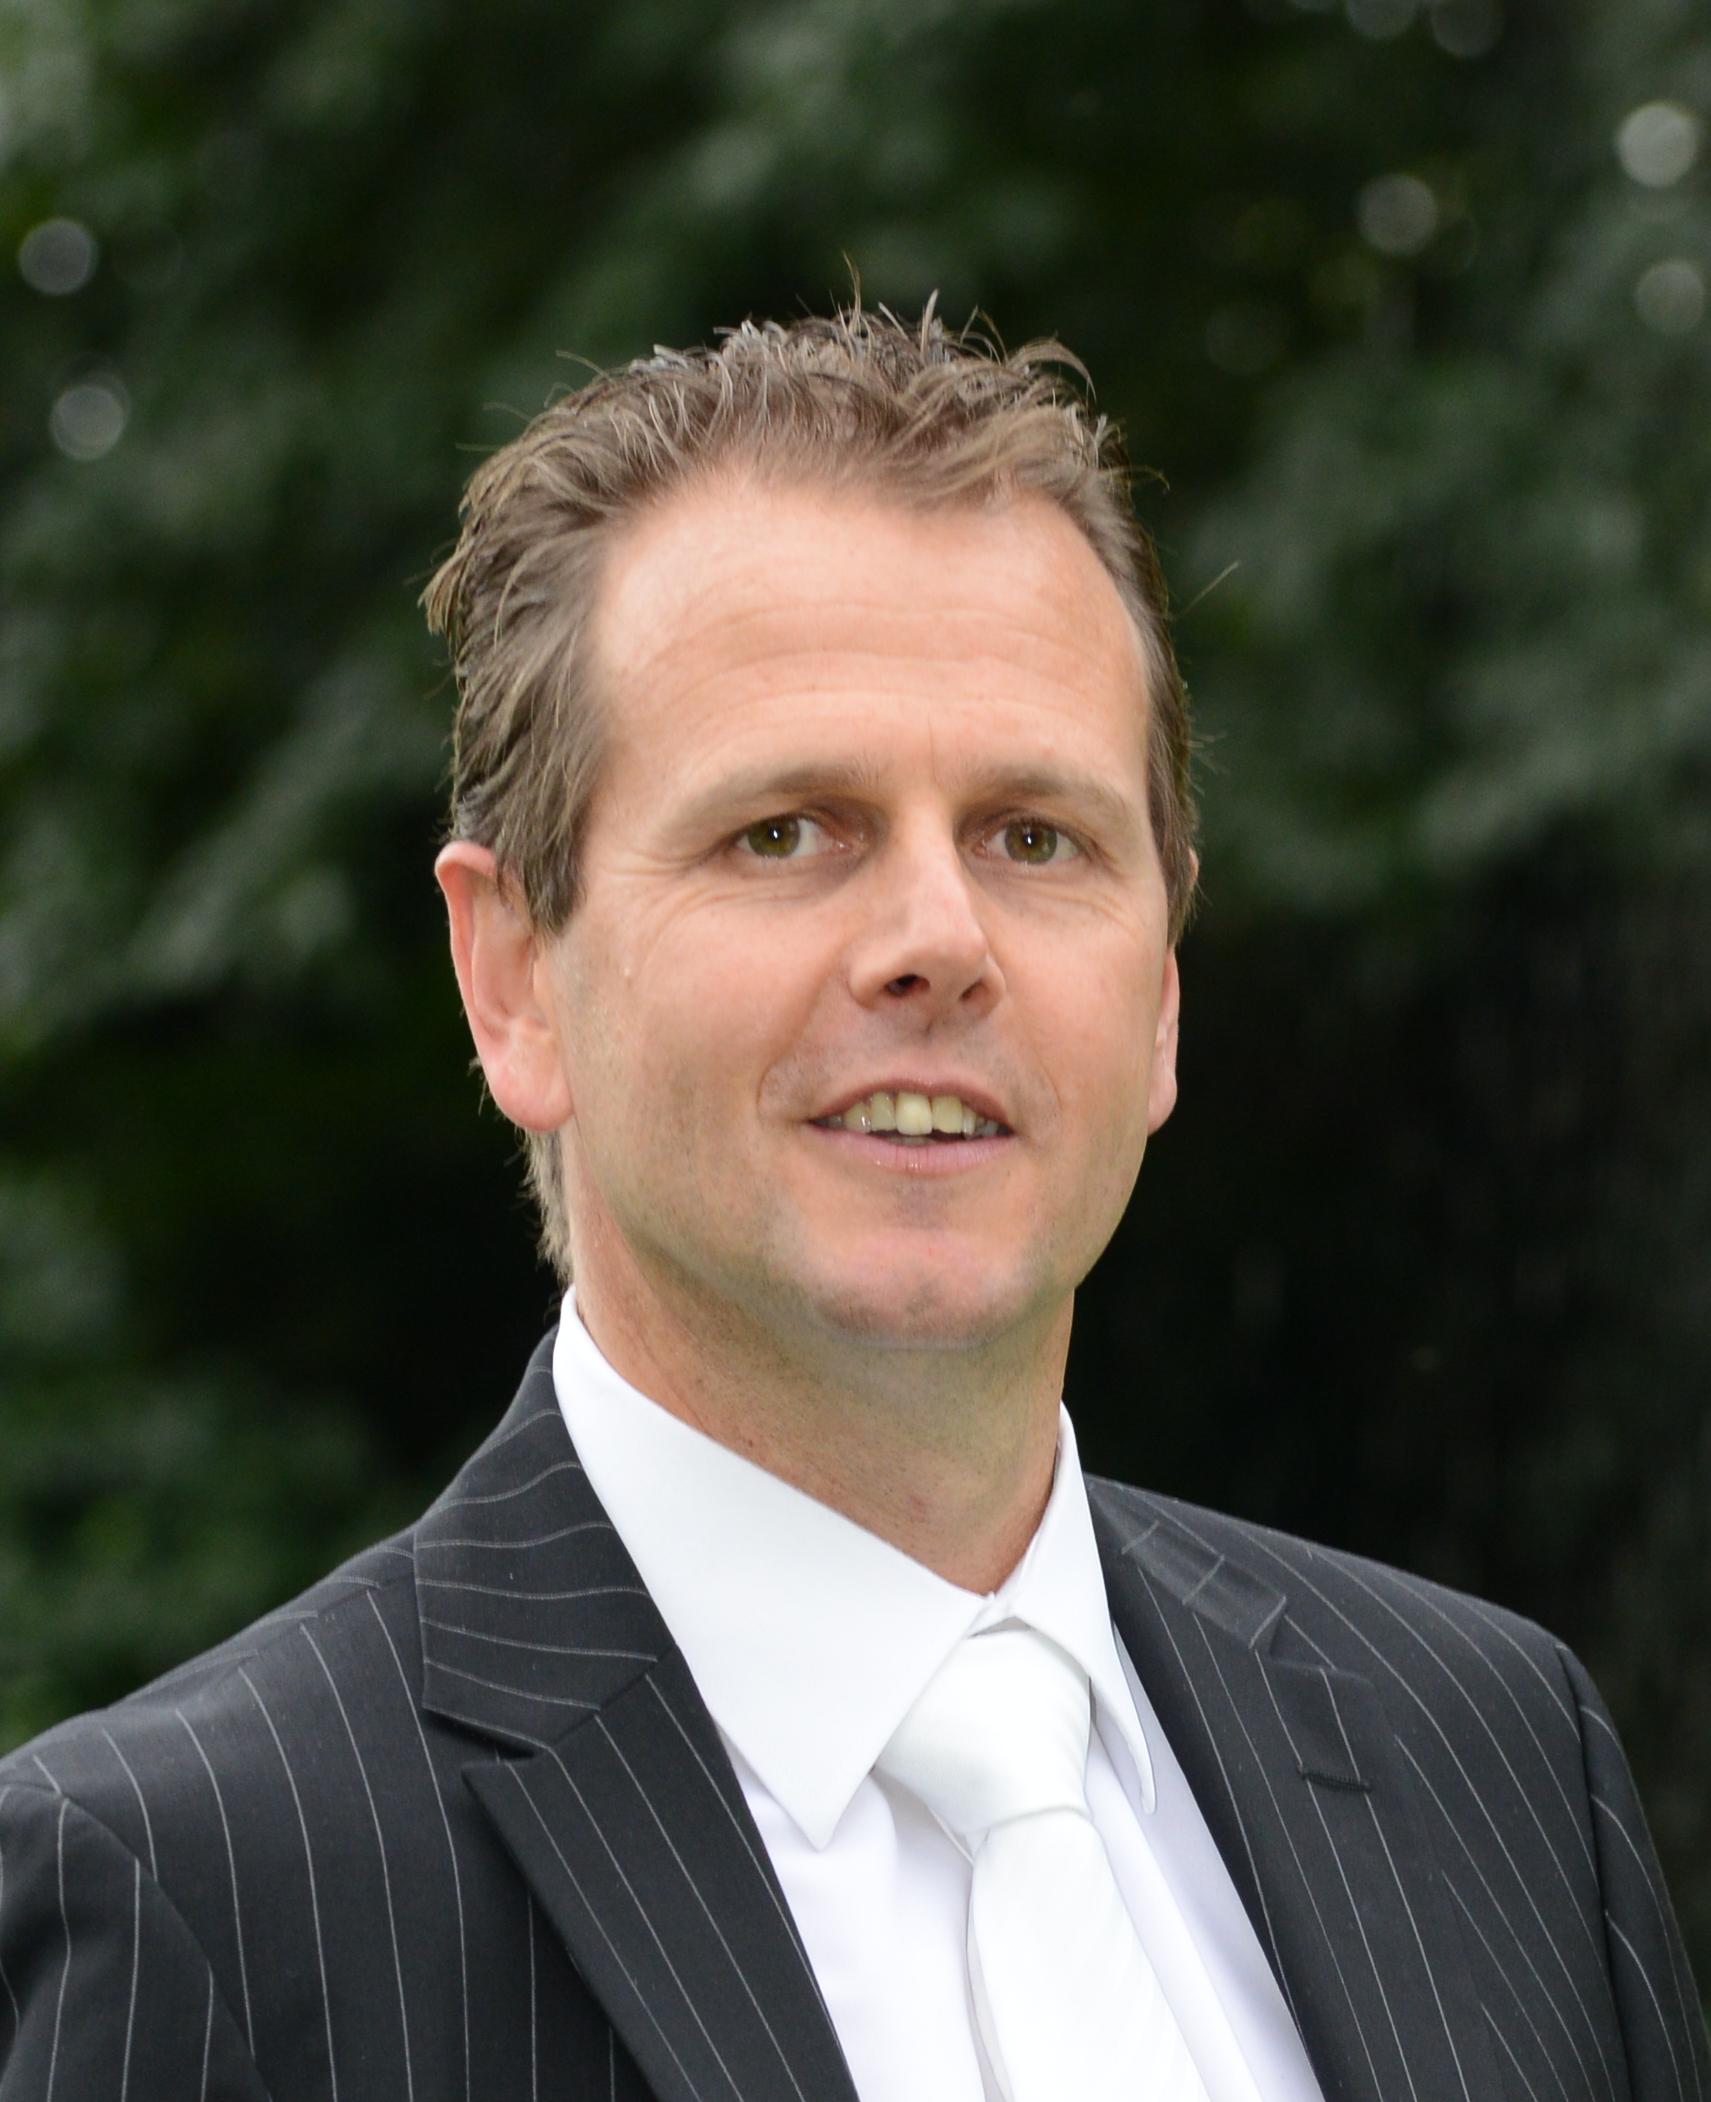 Sicher-Stark-Trainer für Gewaltprävention Ralf Schmitz